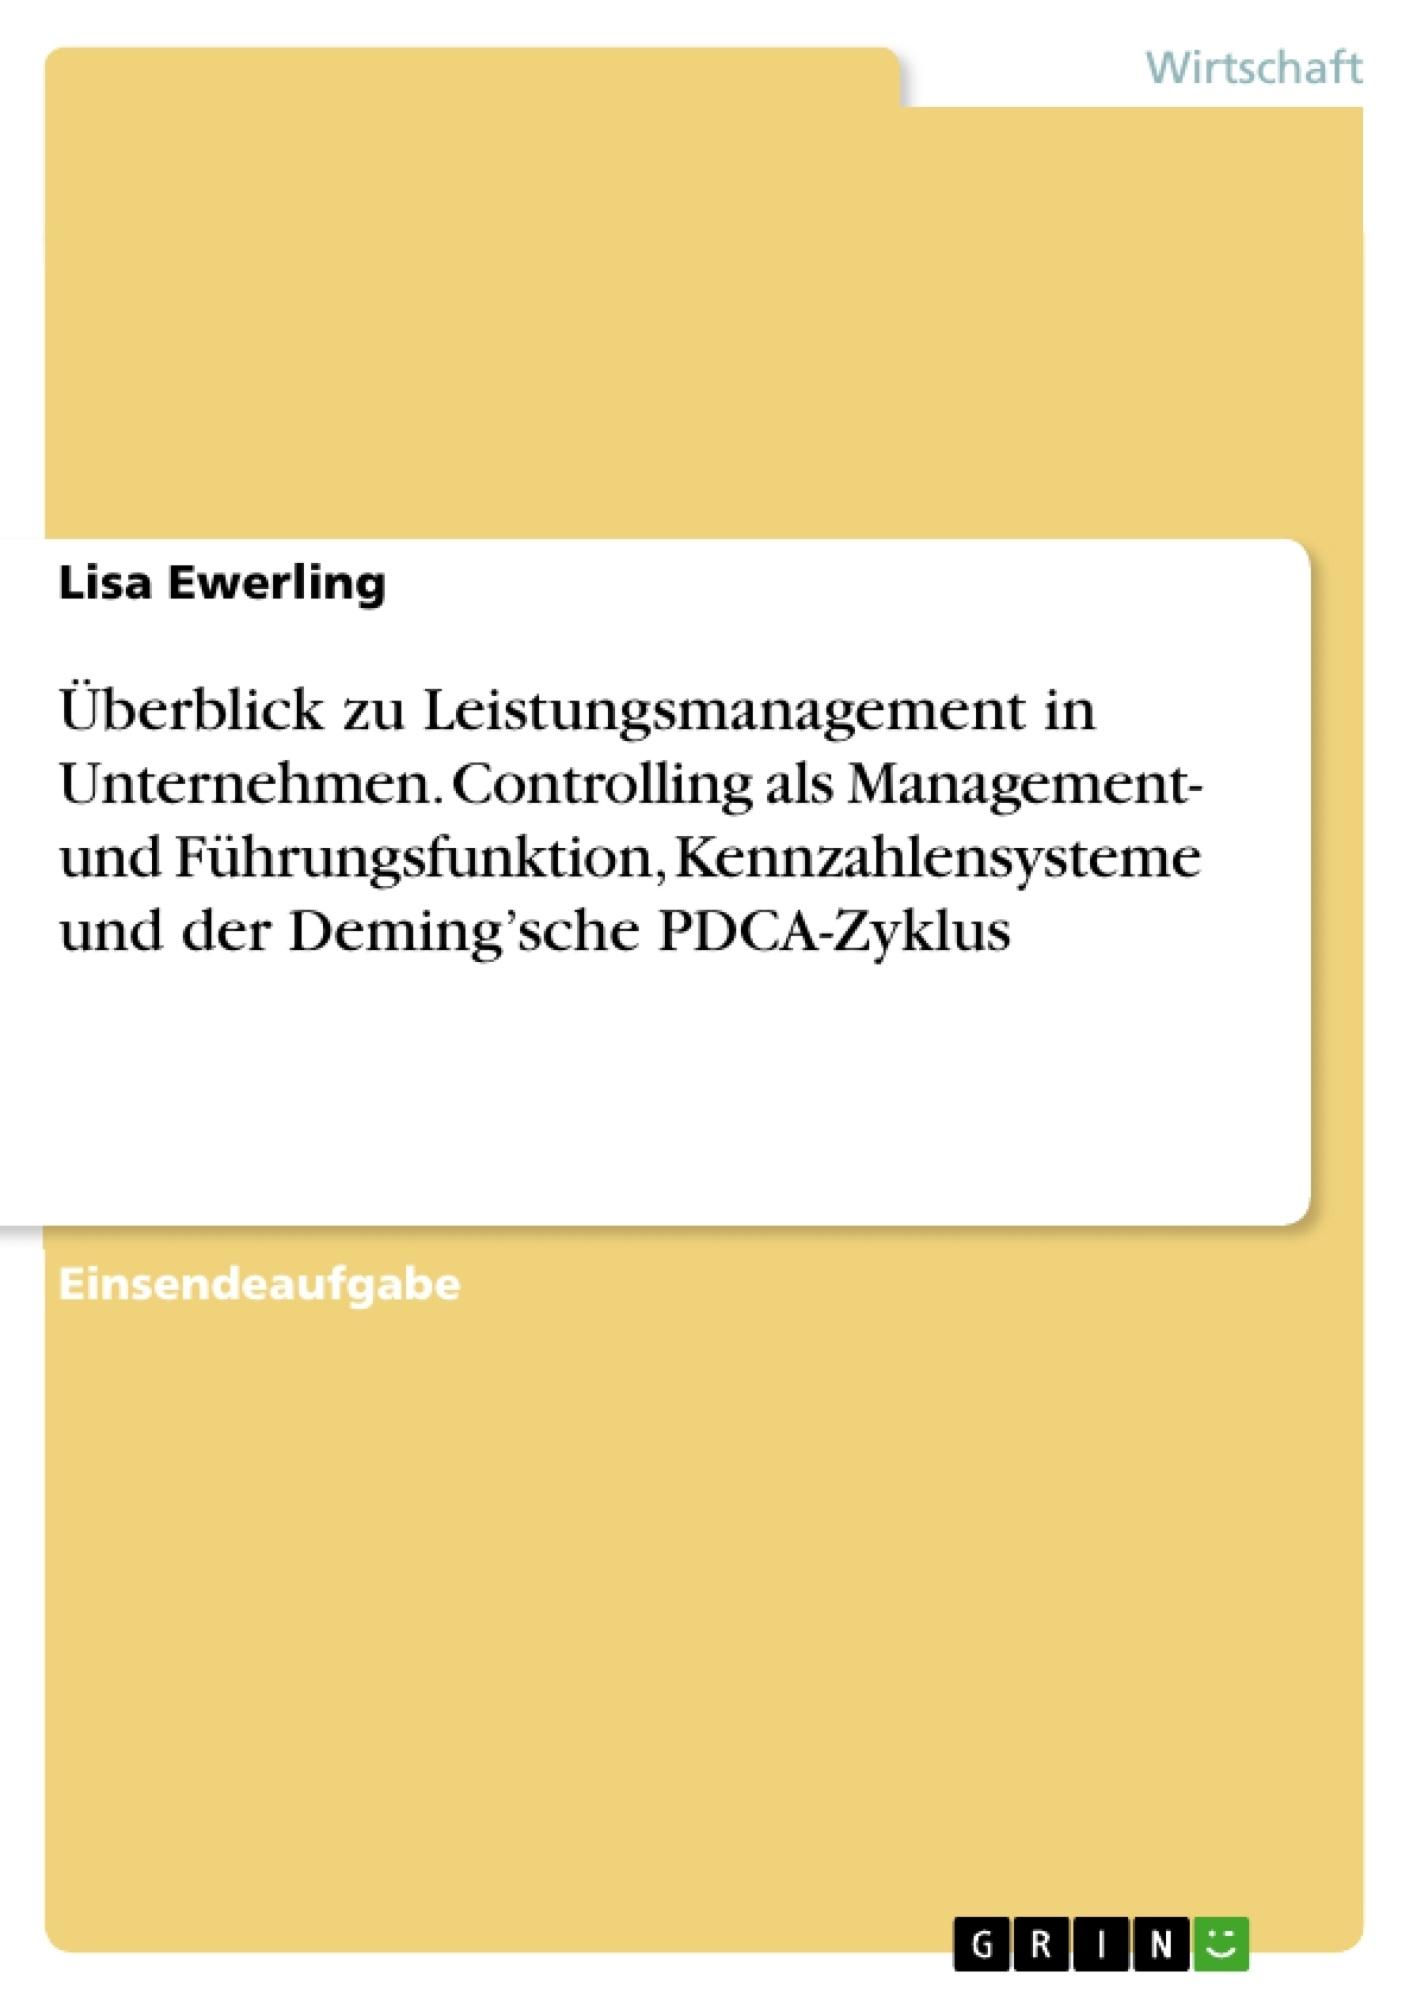 Titel: Überblick zu Leistungsmanagement in Unternehmen. Controlling als Management- und Führungsfunktion, Kennzahlensysteme und der Deming'sche PDCA-Zyklus